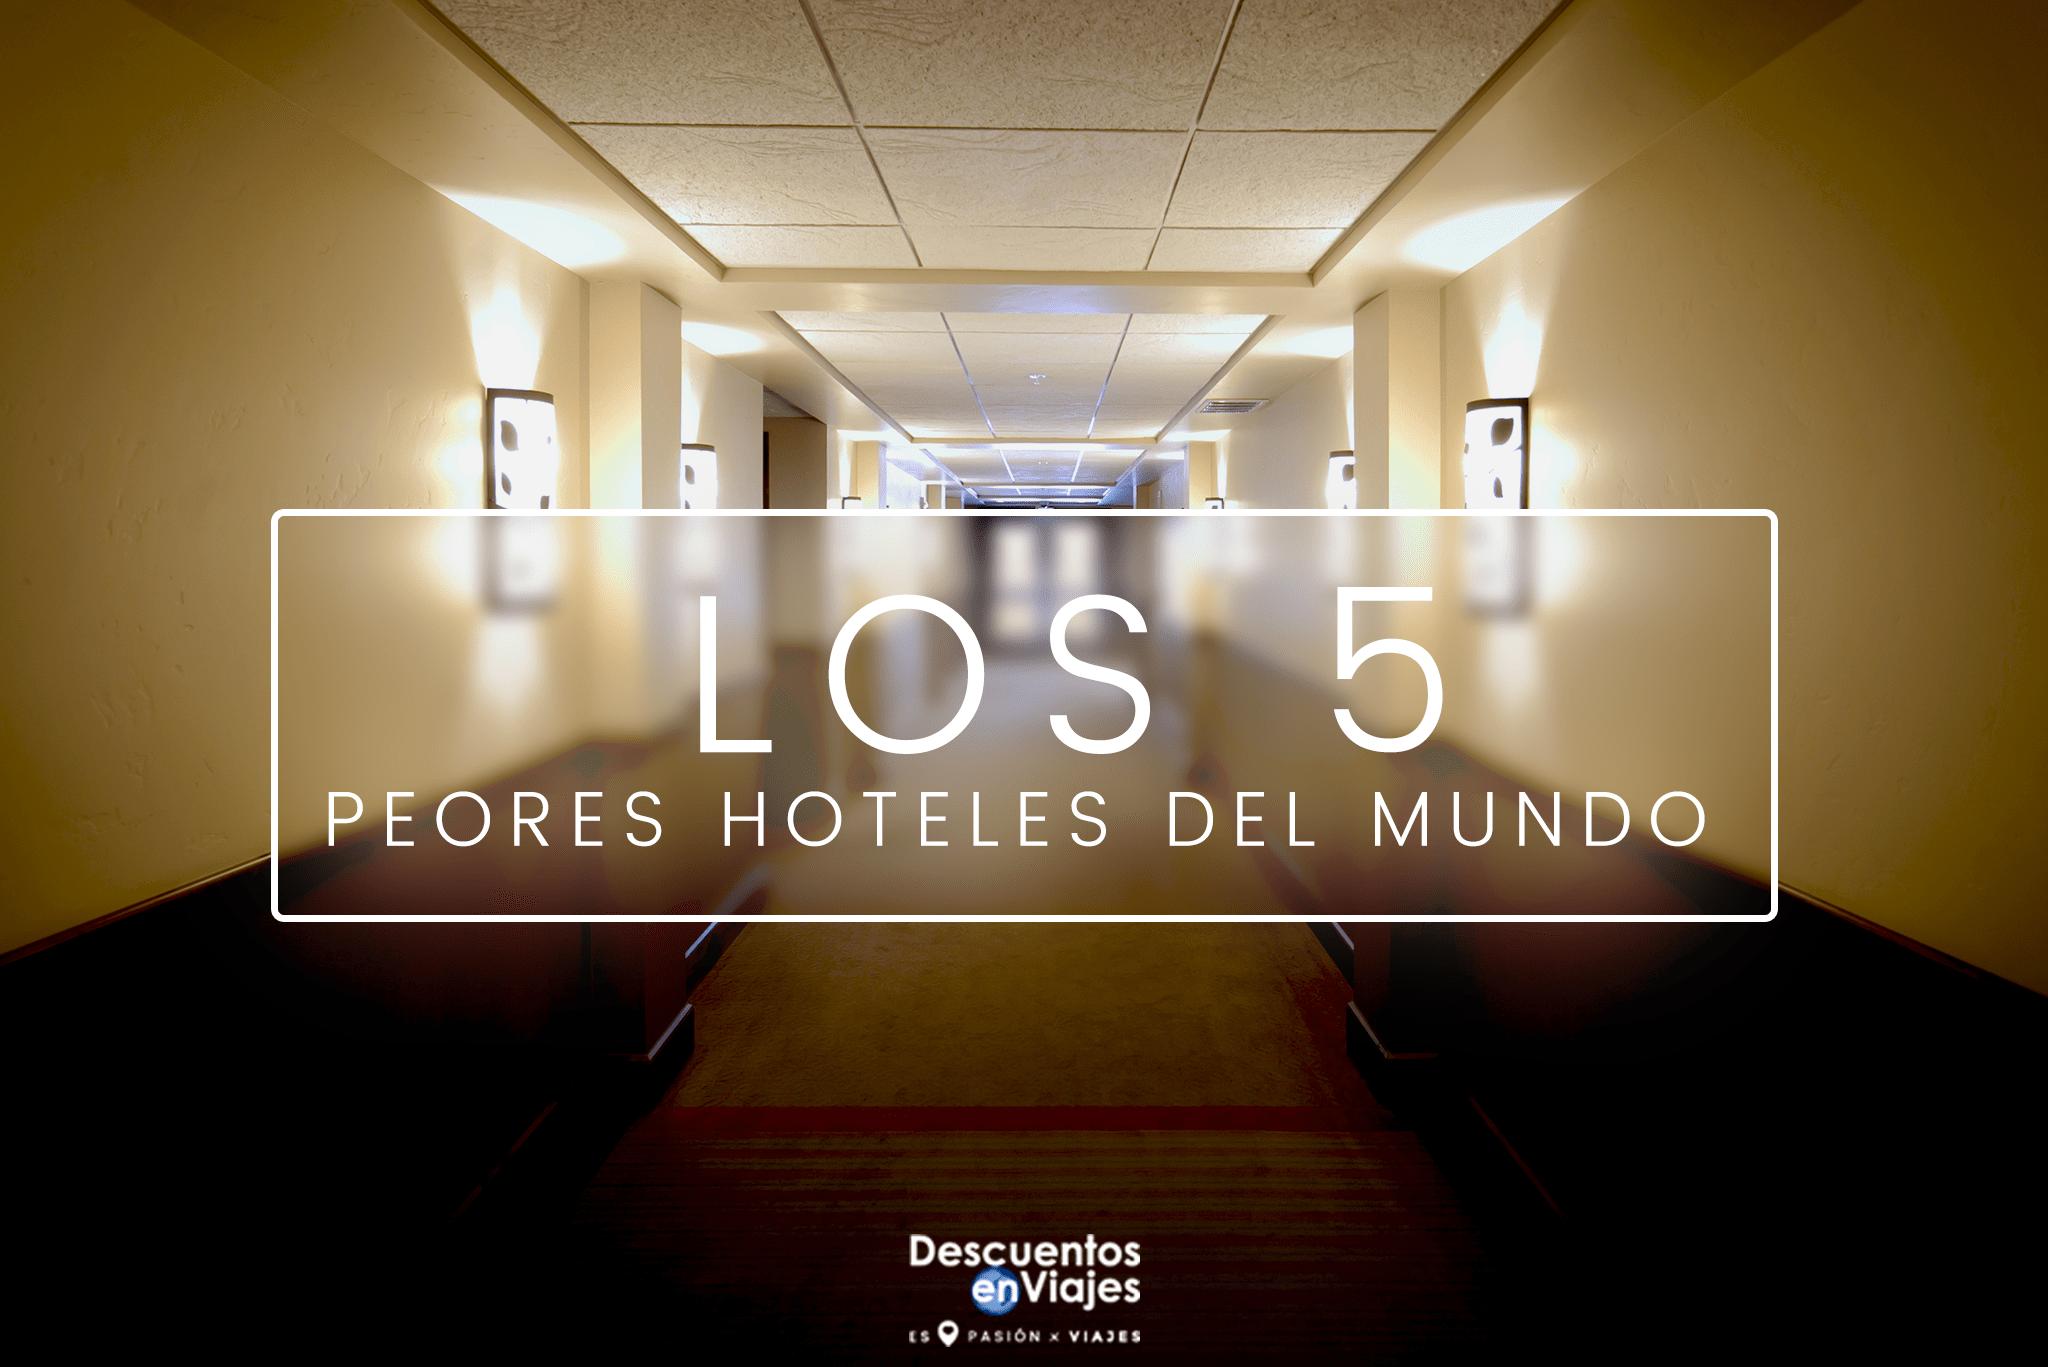 peores hoteles mundo descuentos viajes